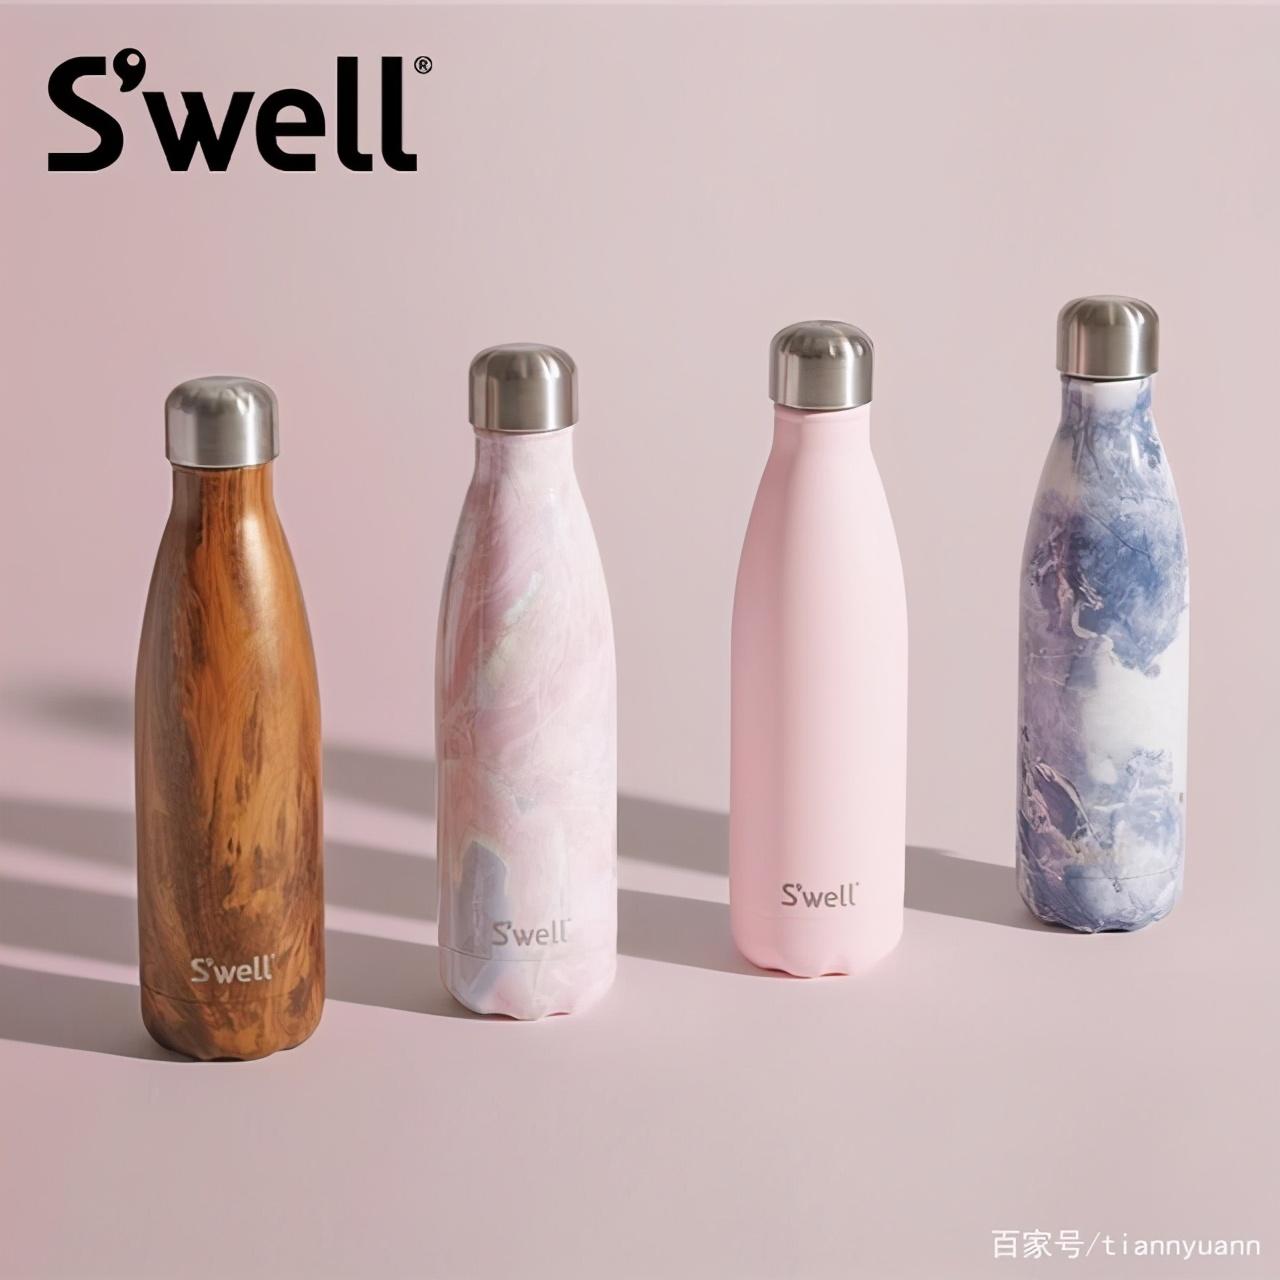 10个高颜值的保温杯品牌推荐——实用、好看的保温杯品牌